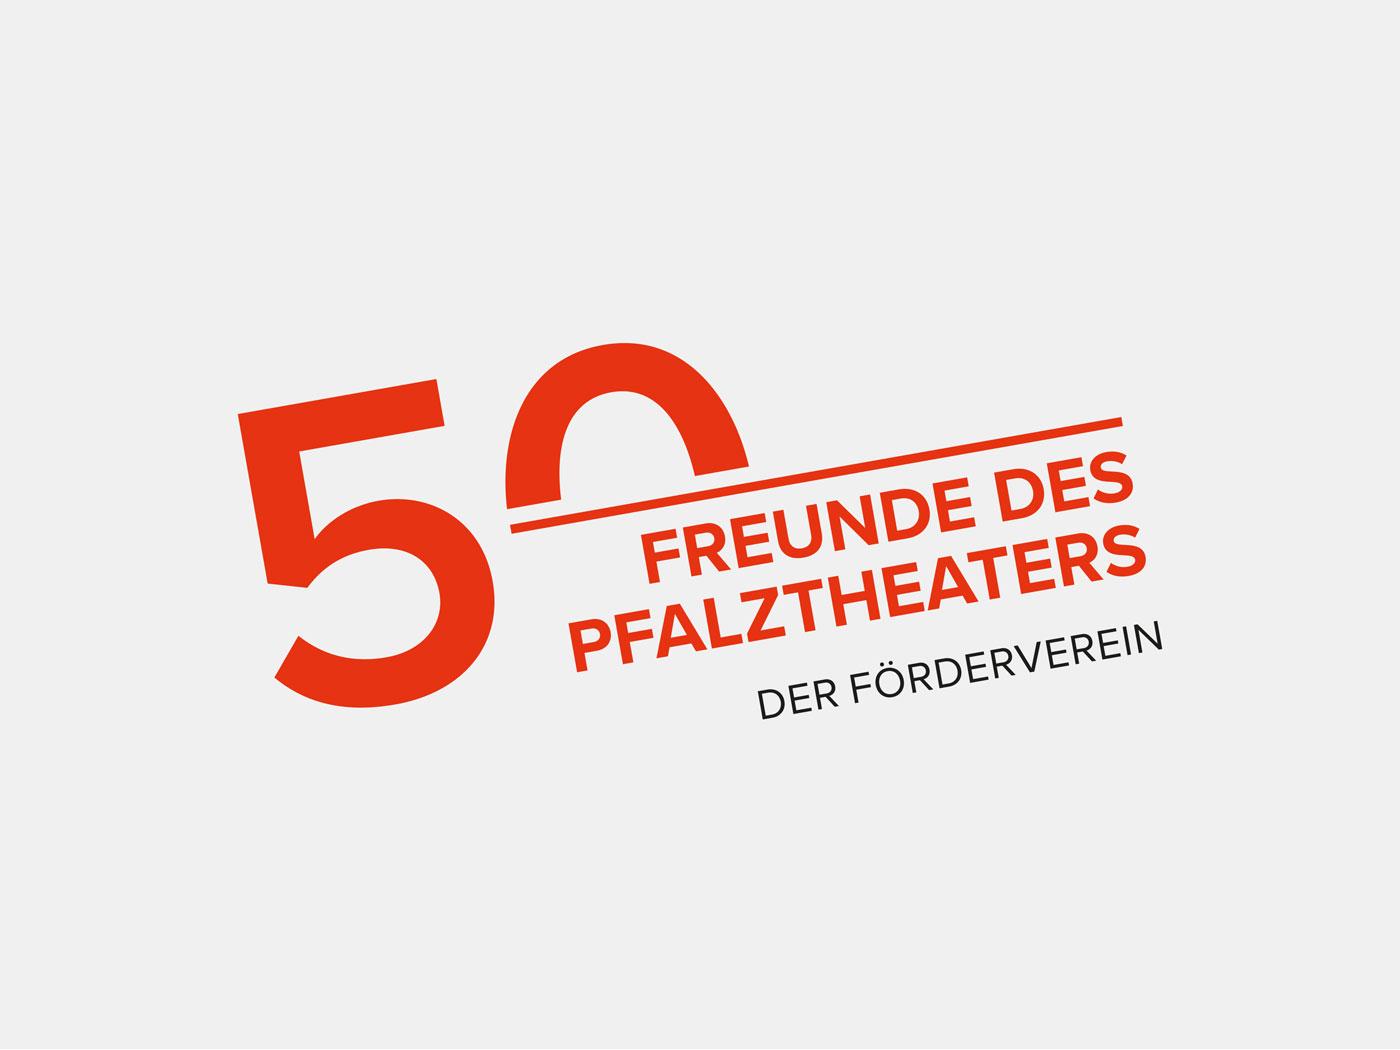 Projekte-Freunde-Pfalztheater-Logo-50-Jahre